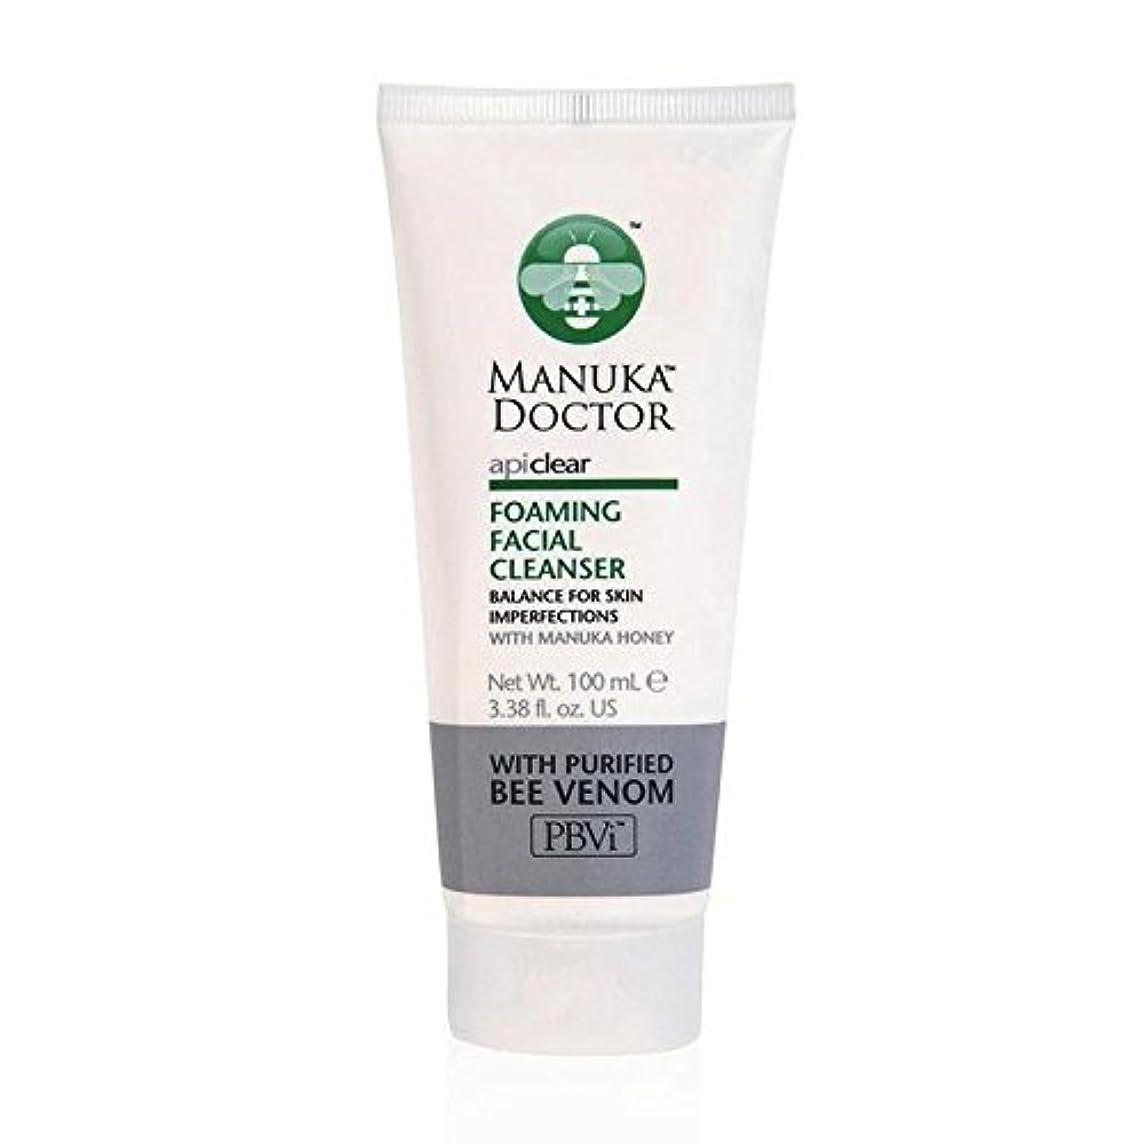 ヘッジ村急勾配のマヌカドクター明確な泡立ち洗顔料の100ミリリットル x4 - Manuka Doctor Api Clear Foaming Facial Cleanser 100ml (Pack of 4) [並行輸入品]